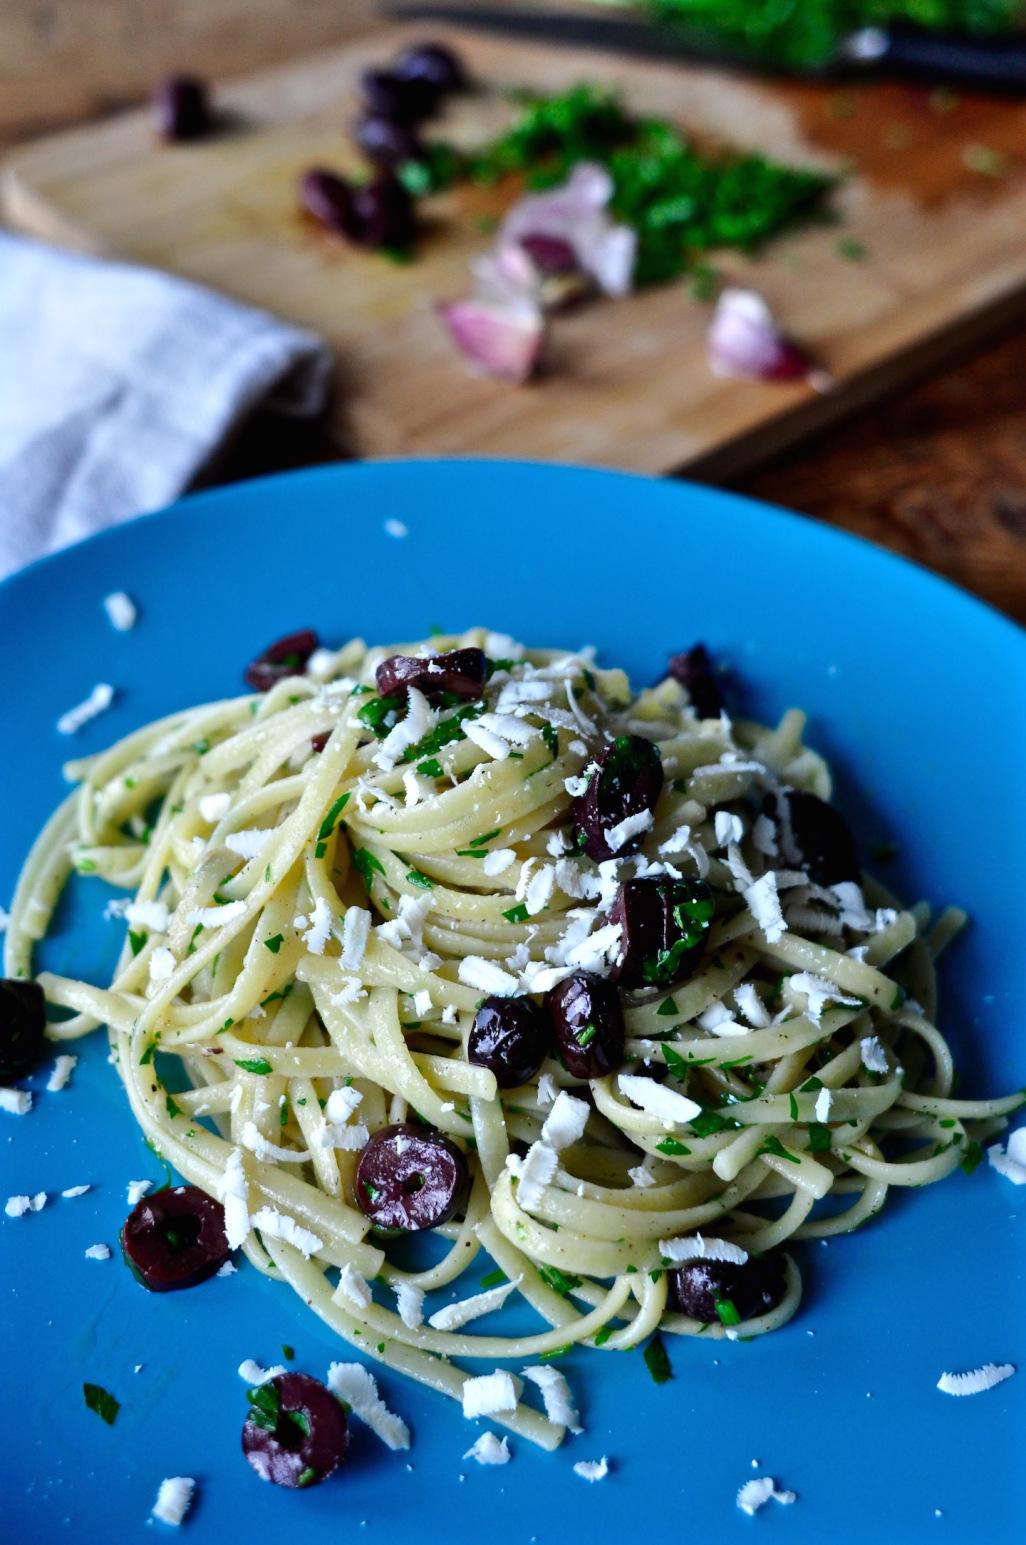 Μακαρονάδα με ελιές & σκόρδο – Pasta with garlic & Kalamata olives